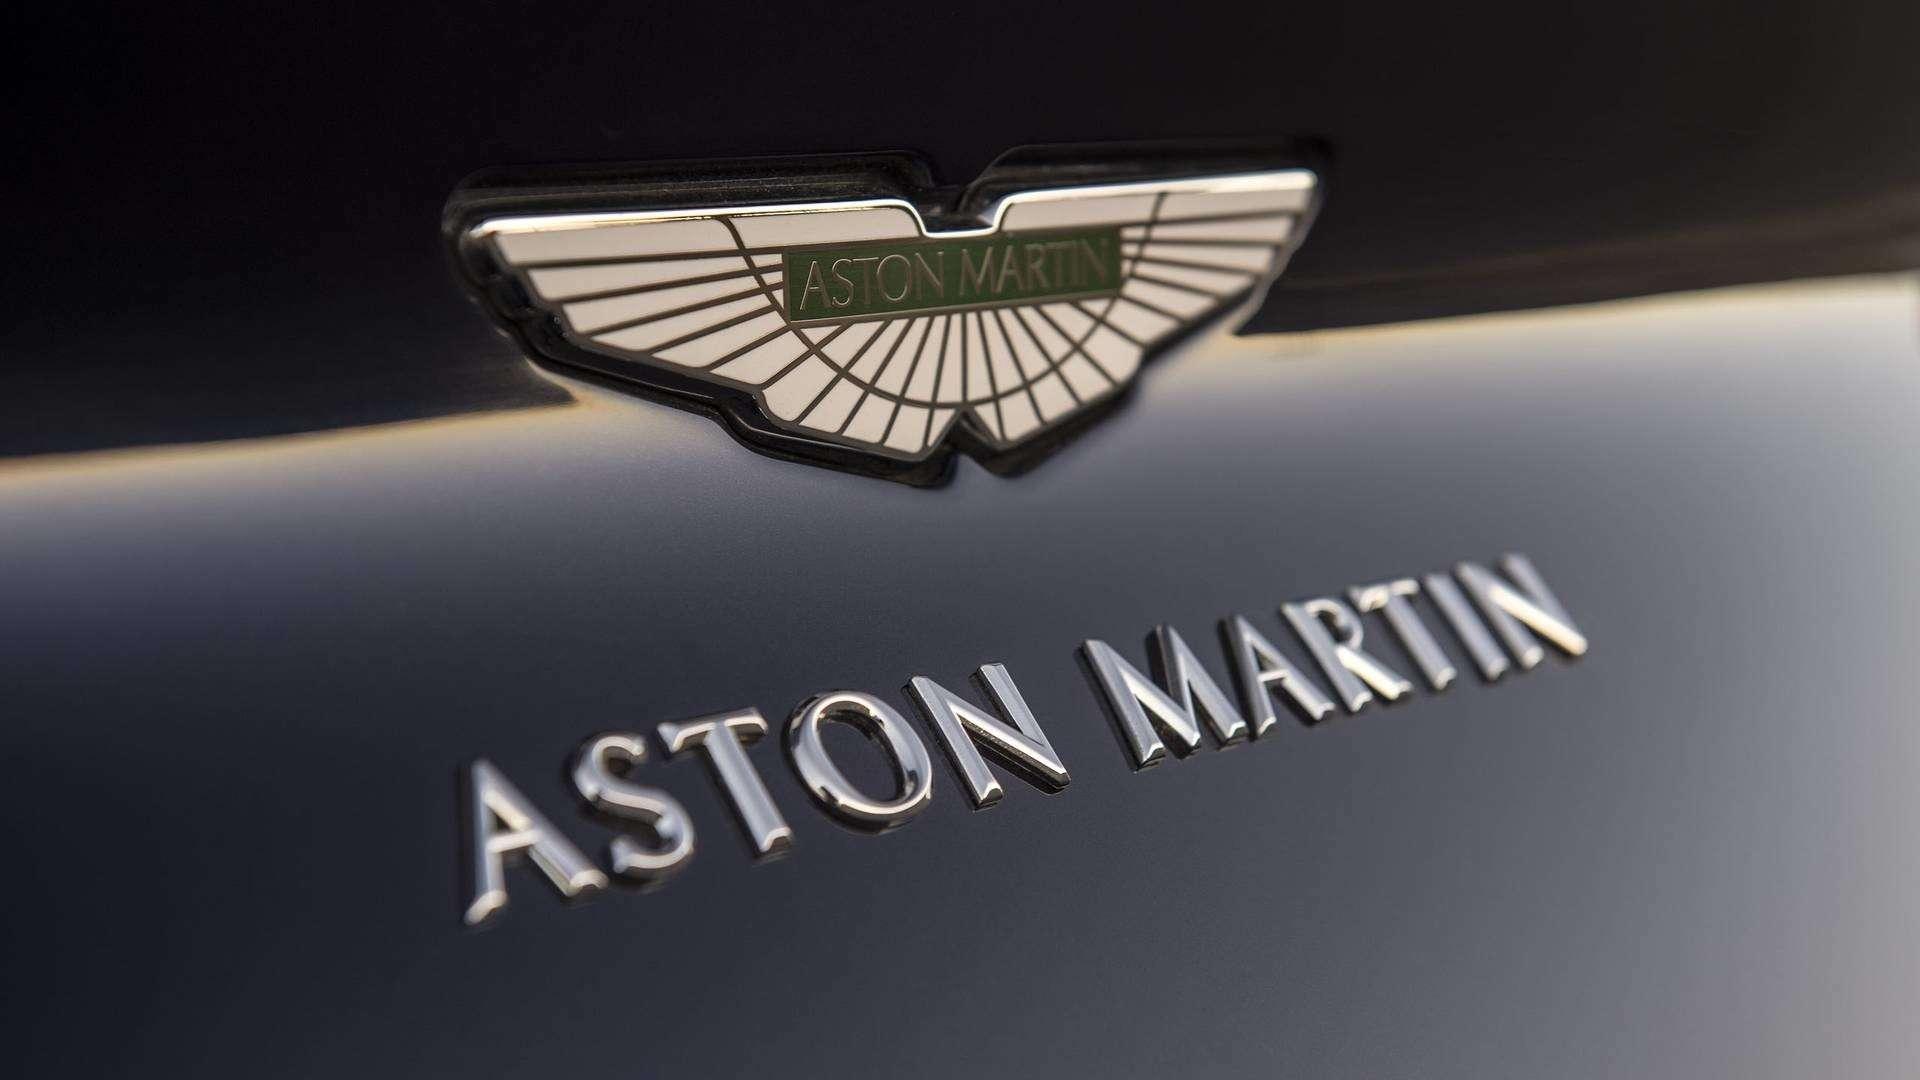 Une moto est en préparation chez le constructeur britannique. © Aston Martin